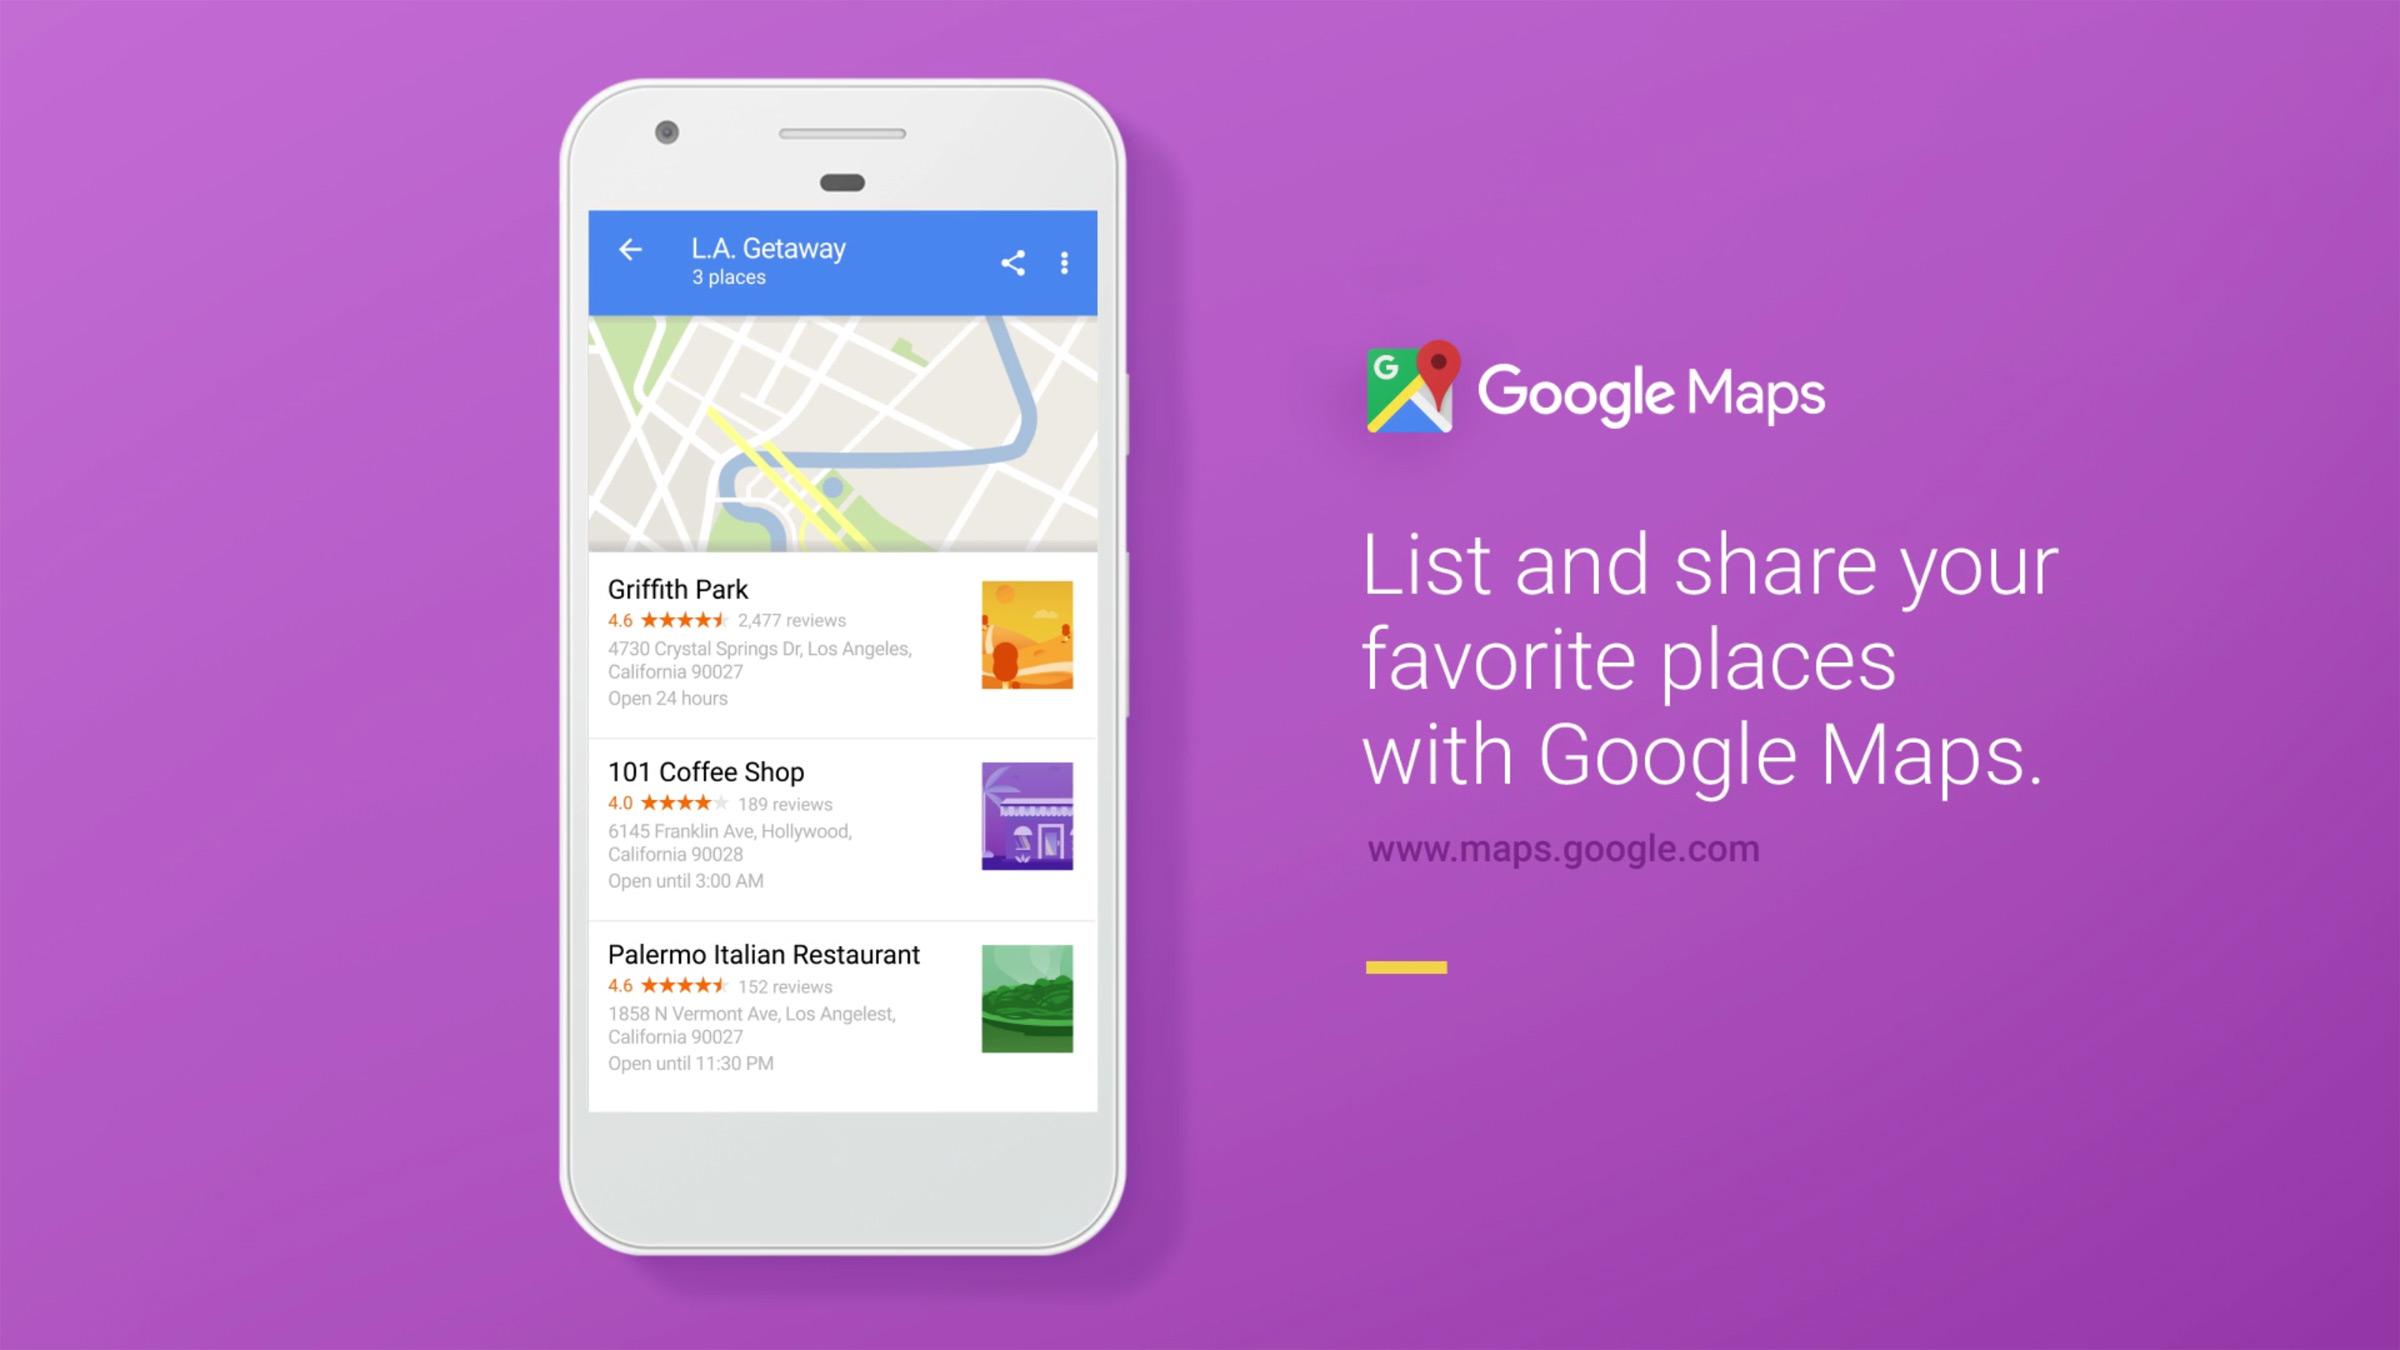 Google Maps permet de créer et partager des listes d'endroits à